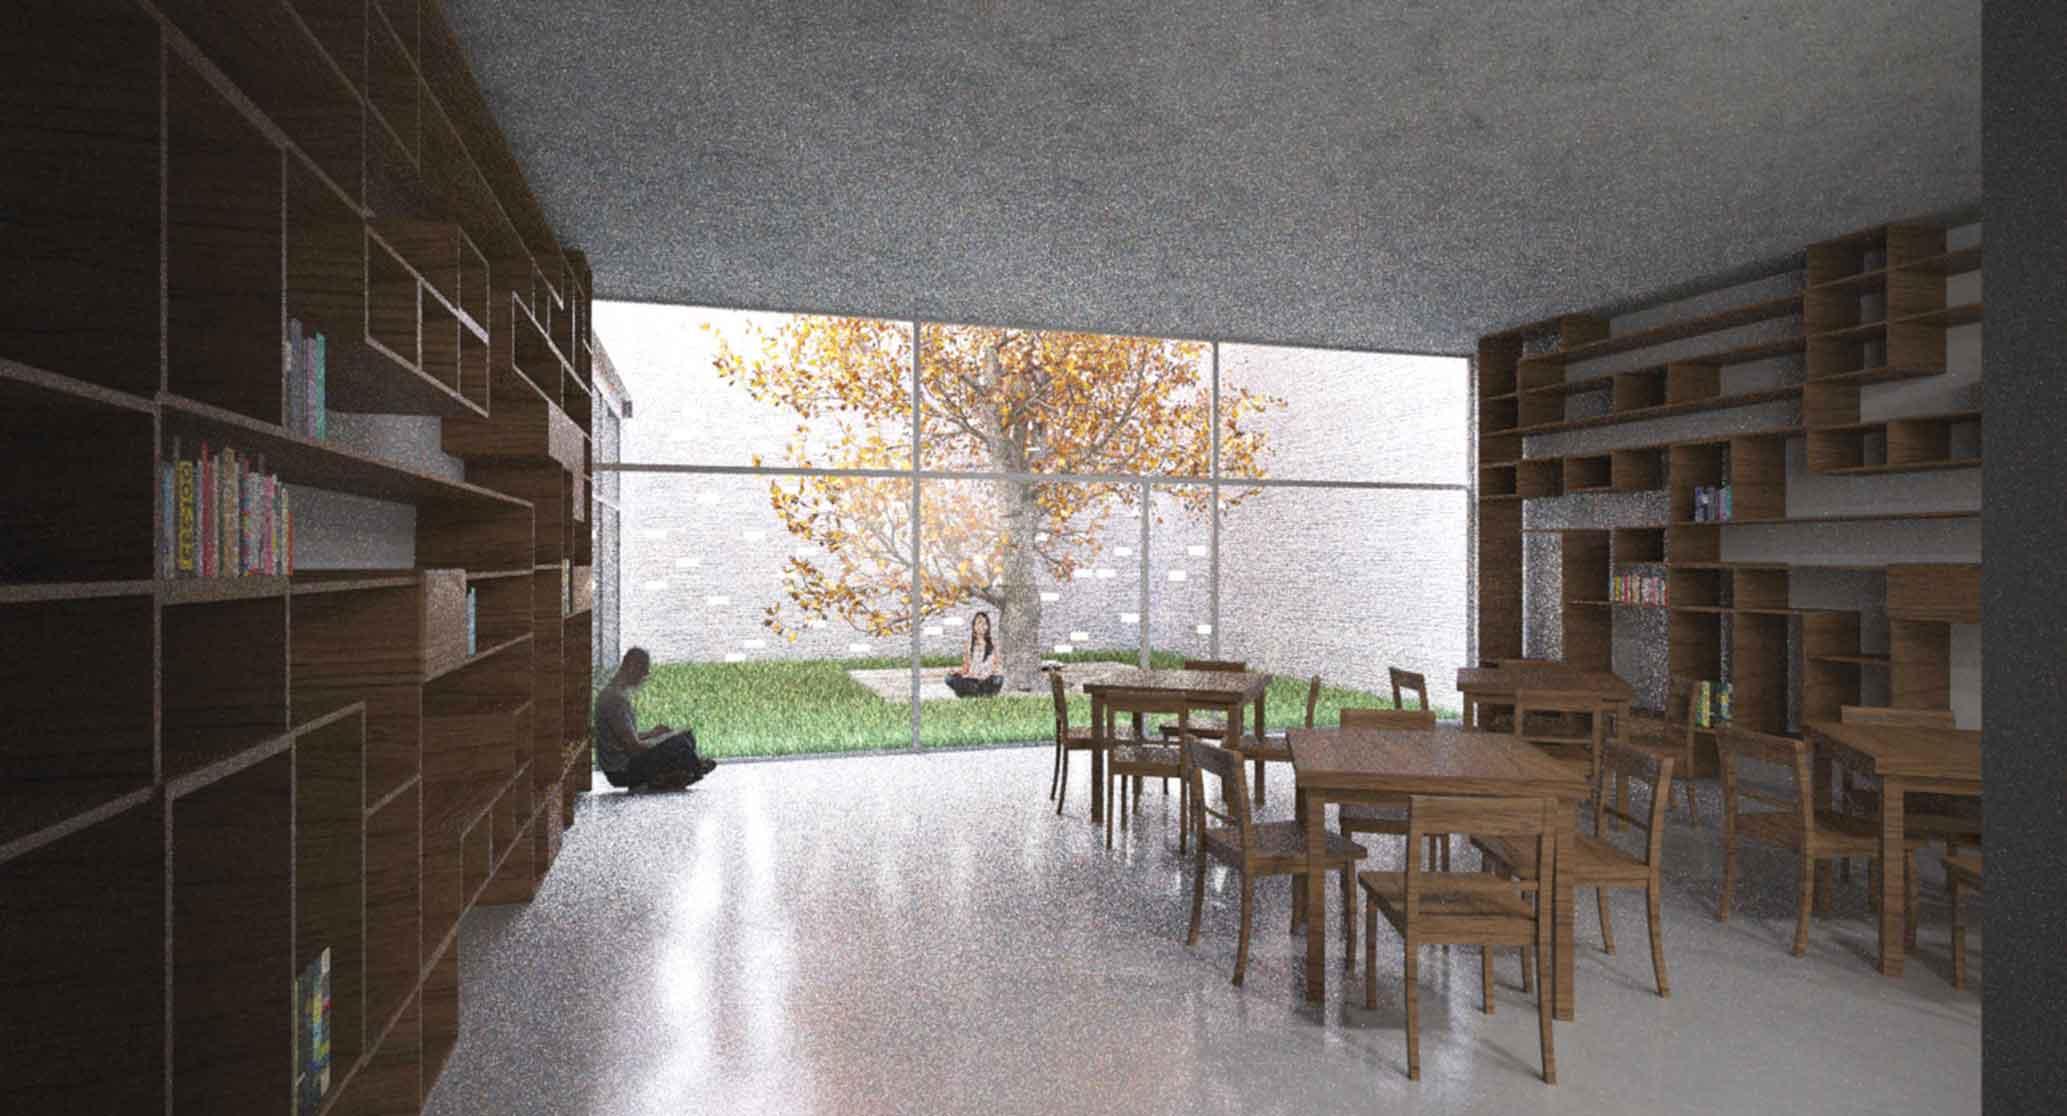 Galerie České Budějovice - vizualizace interiéru galerijní kavárhy. Autor: Kurz architekti